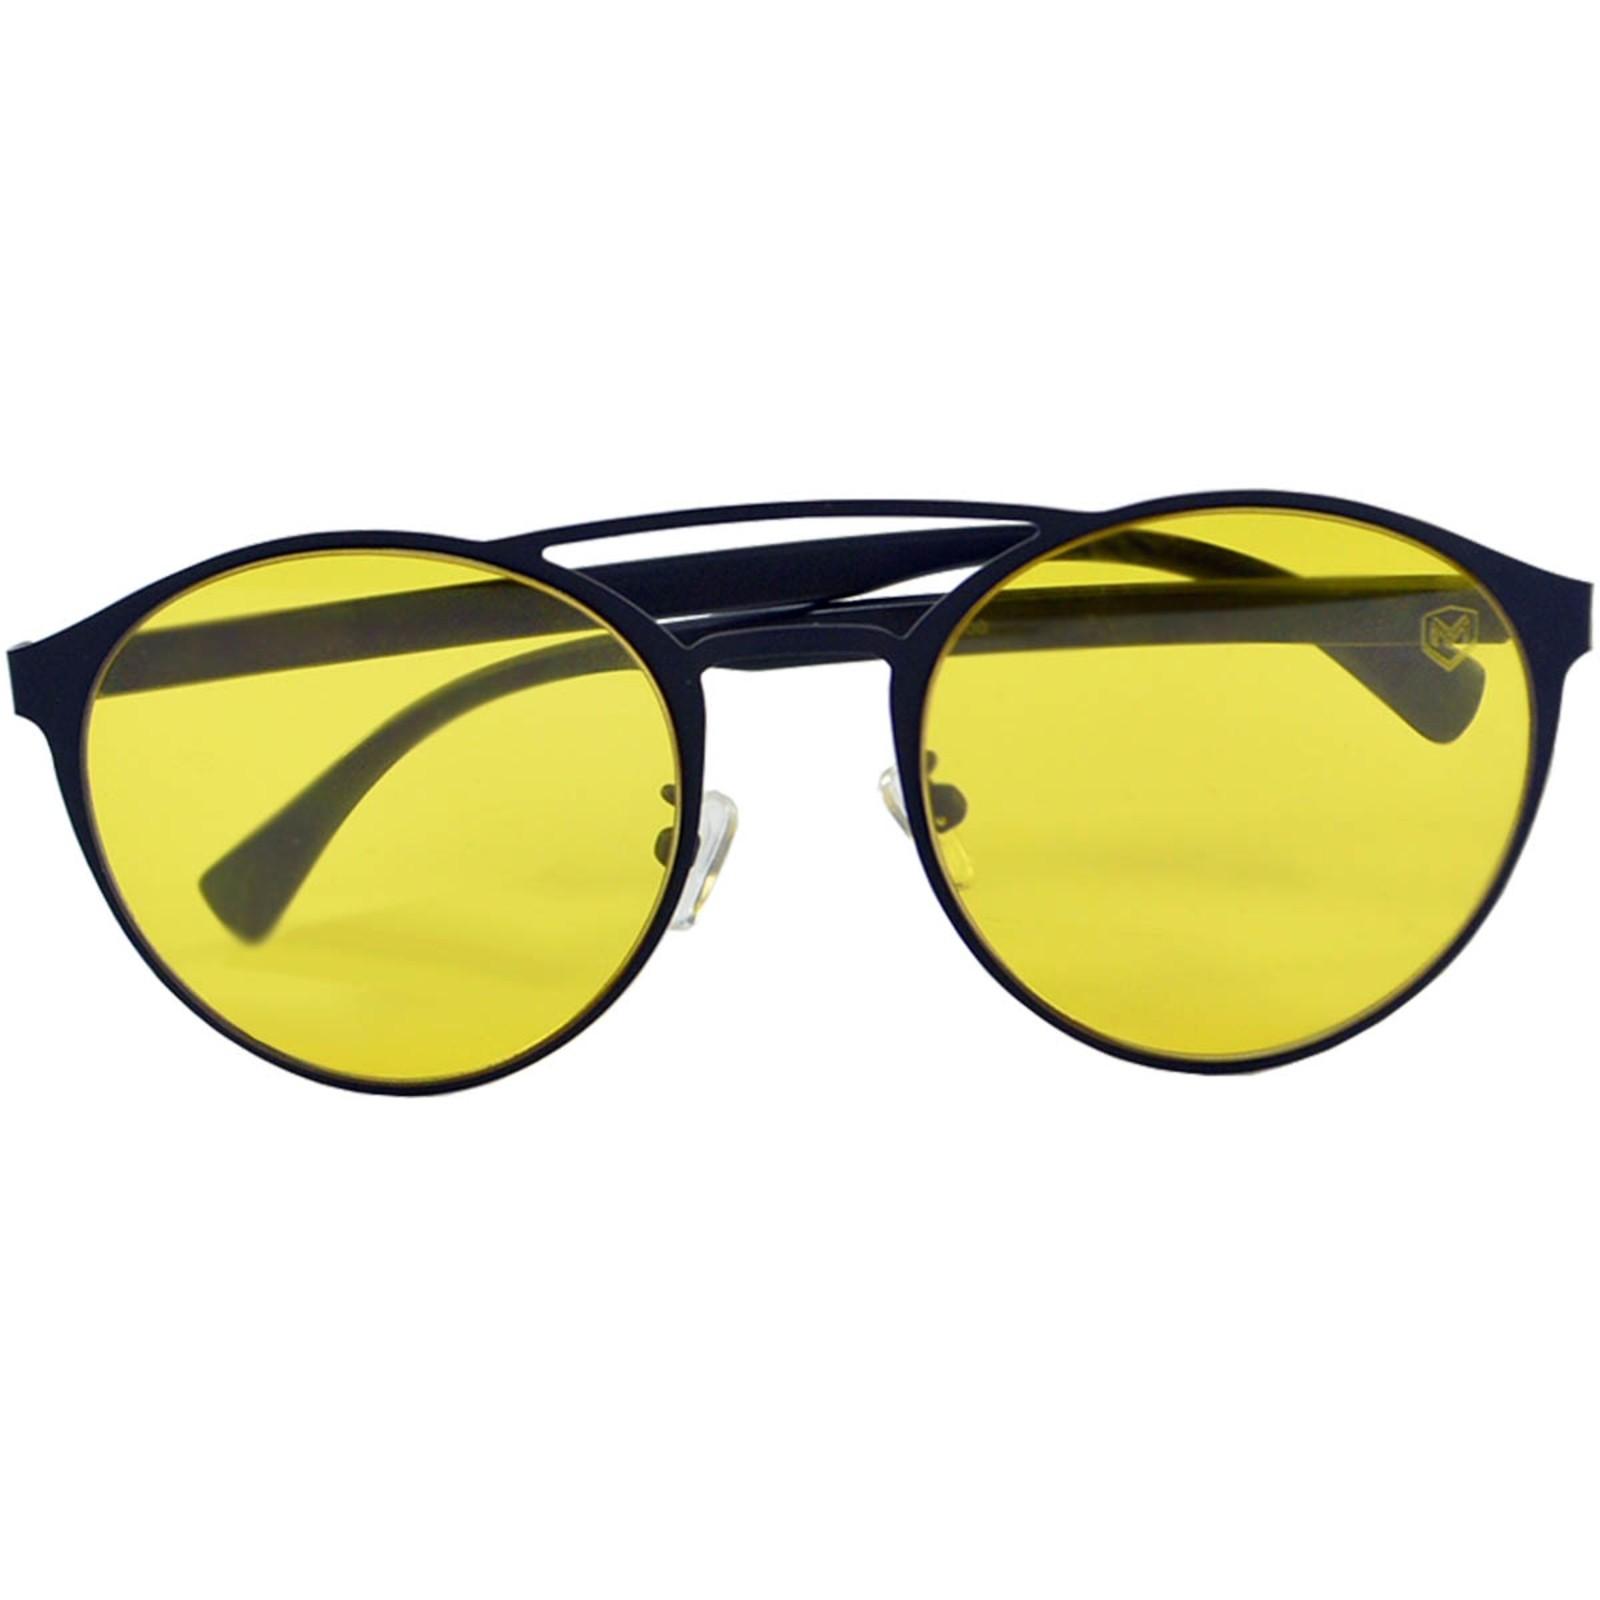 Óculos De Sol Mackage Unissex Metal-Acetato Redondo - Preto/Amarelo